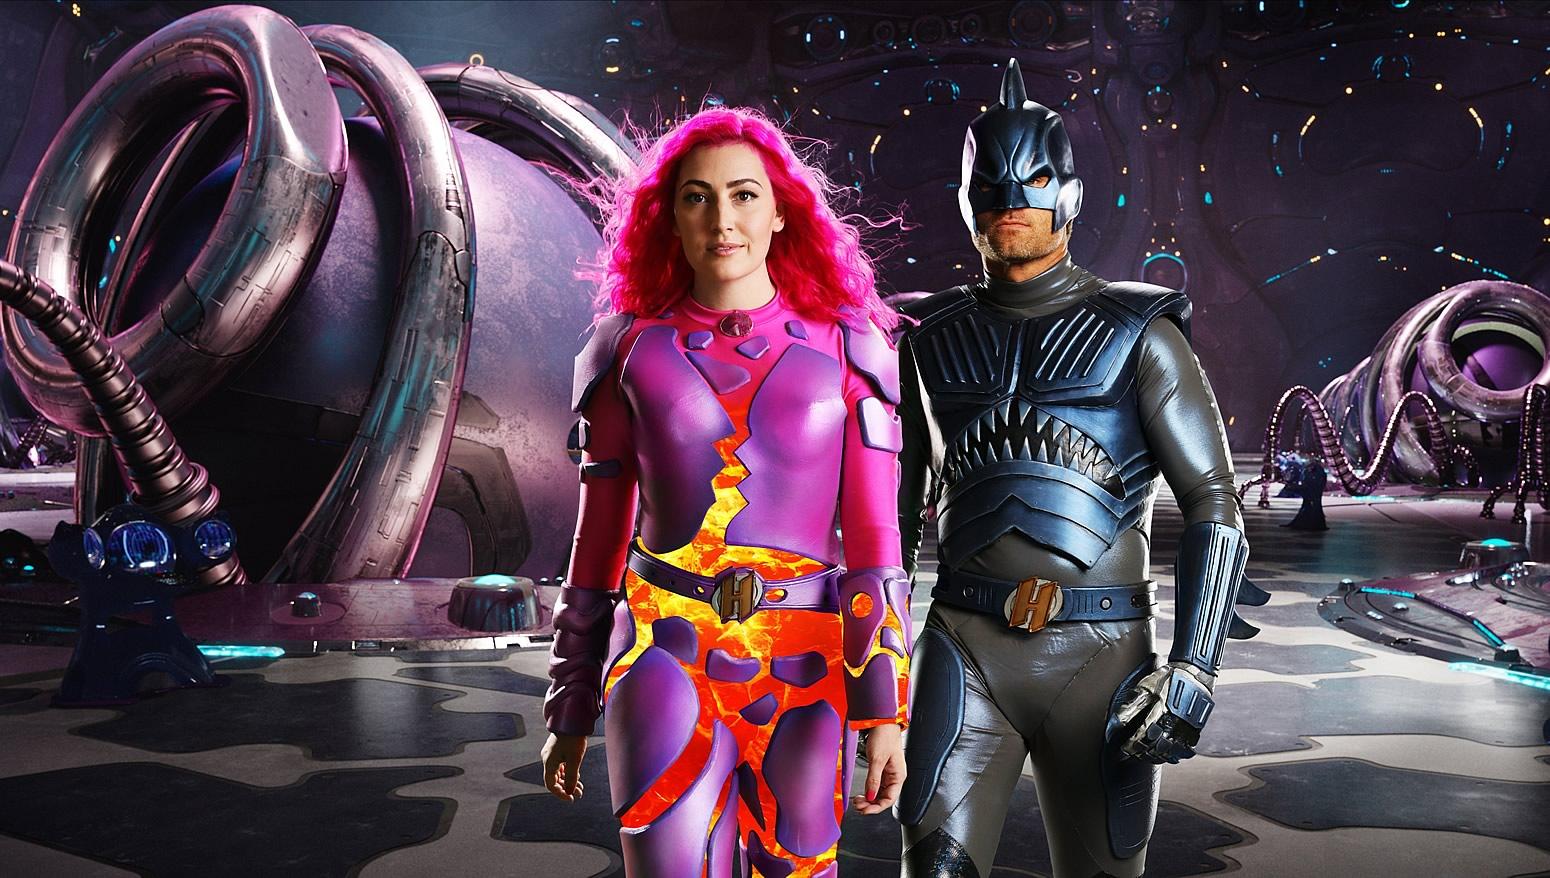 Pequenos Grandes Heróis | Netflix divulga imagens de Sharkboy e Lavagirl como adultos no filme